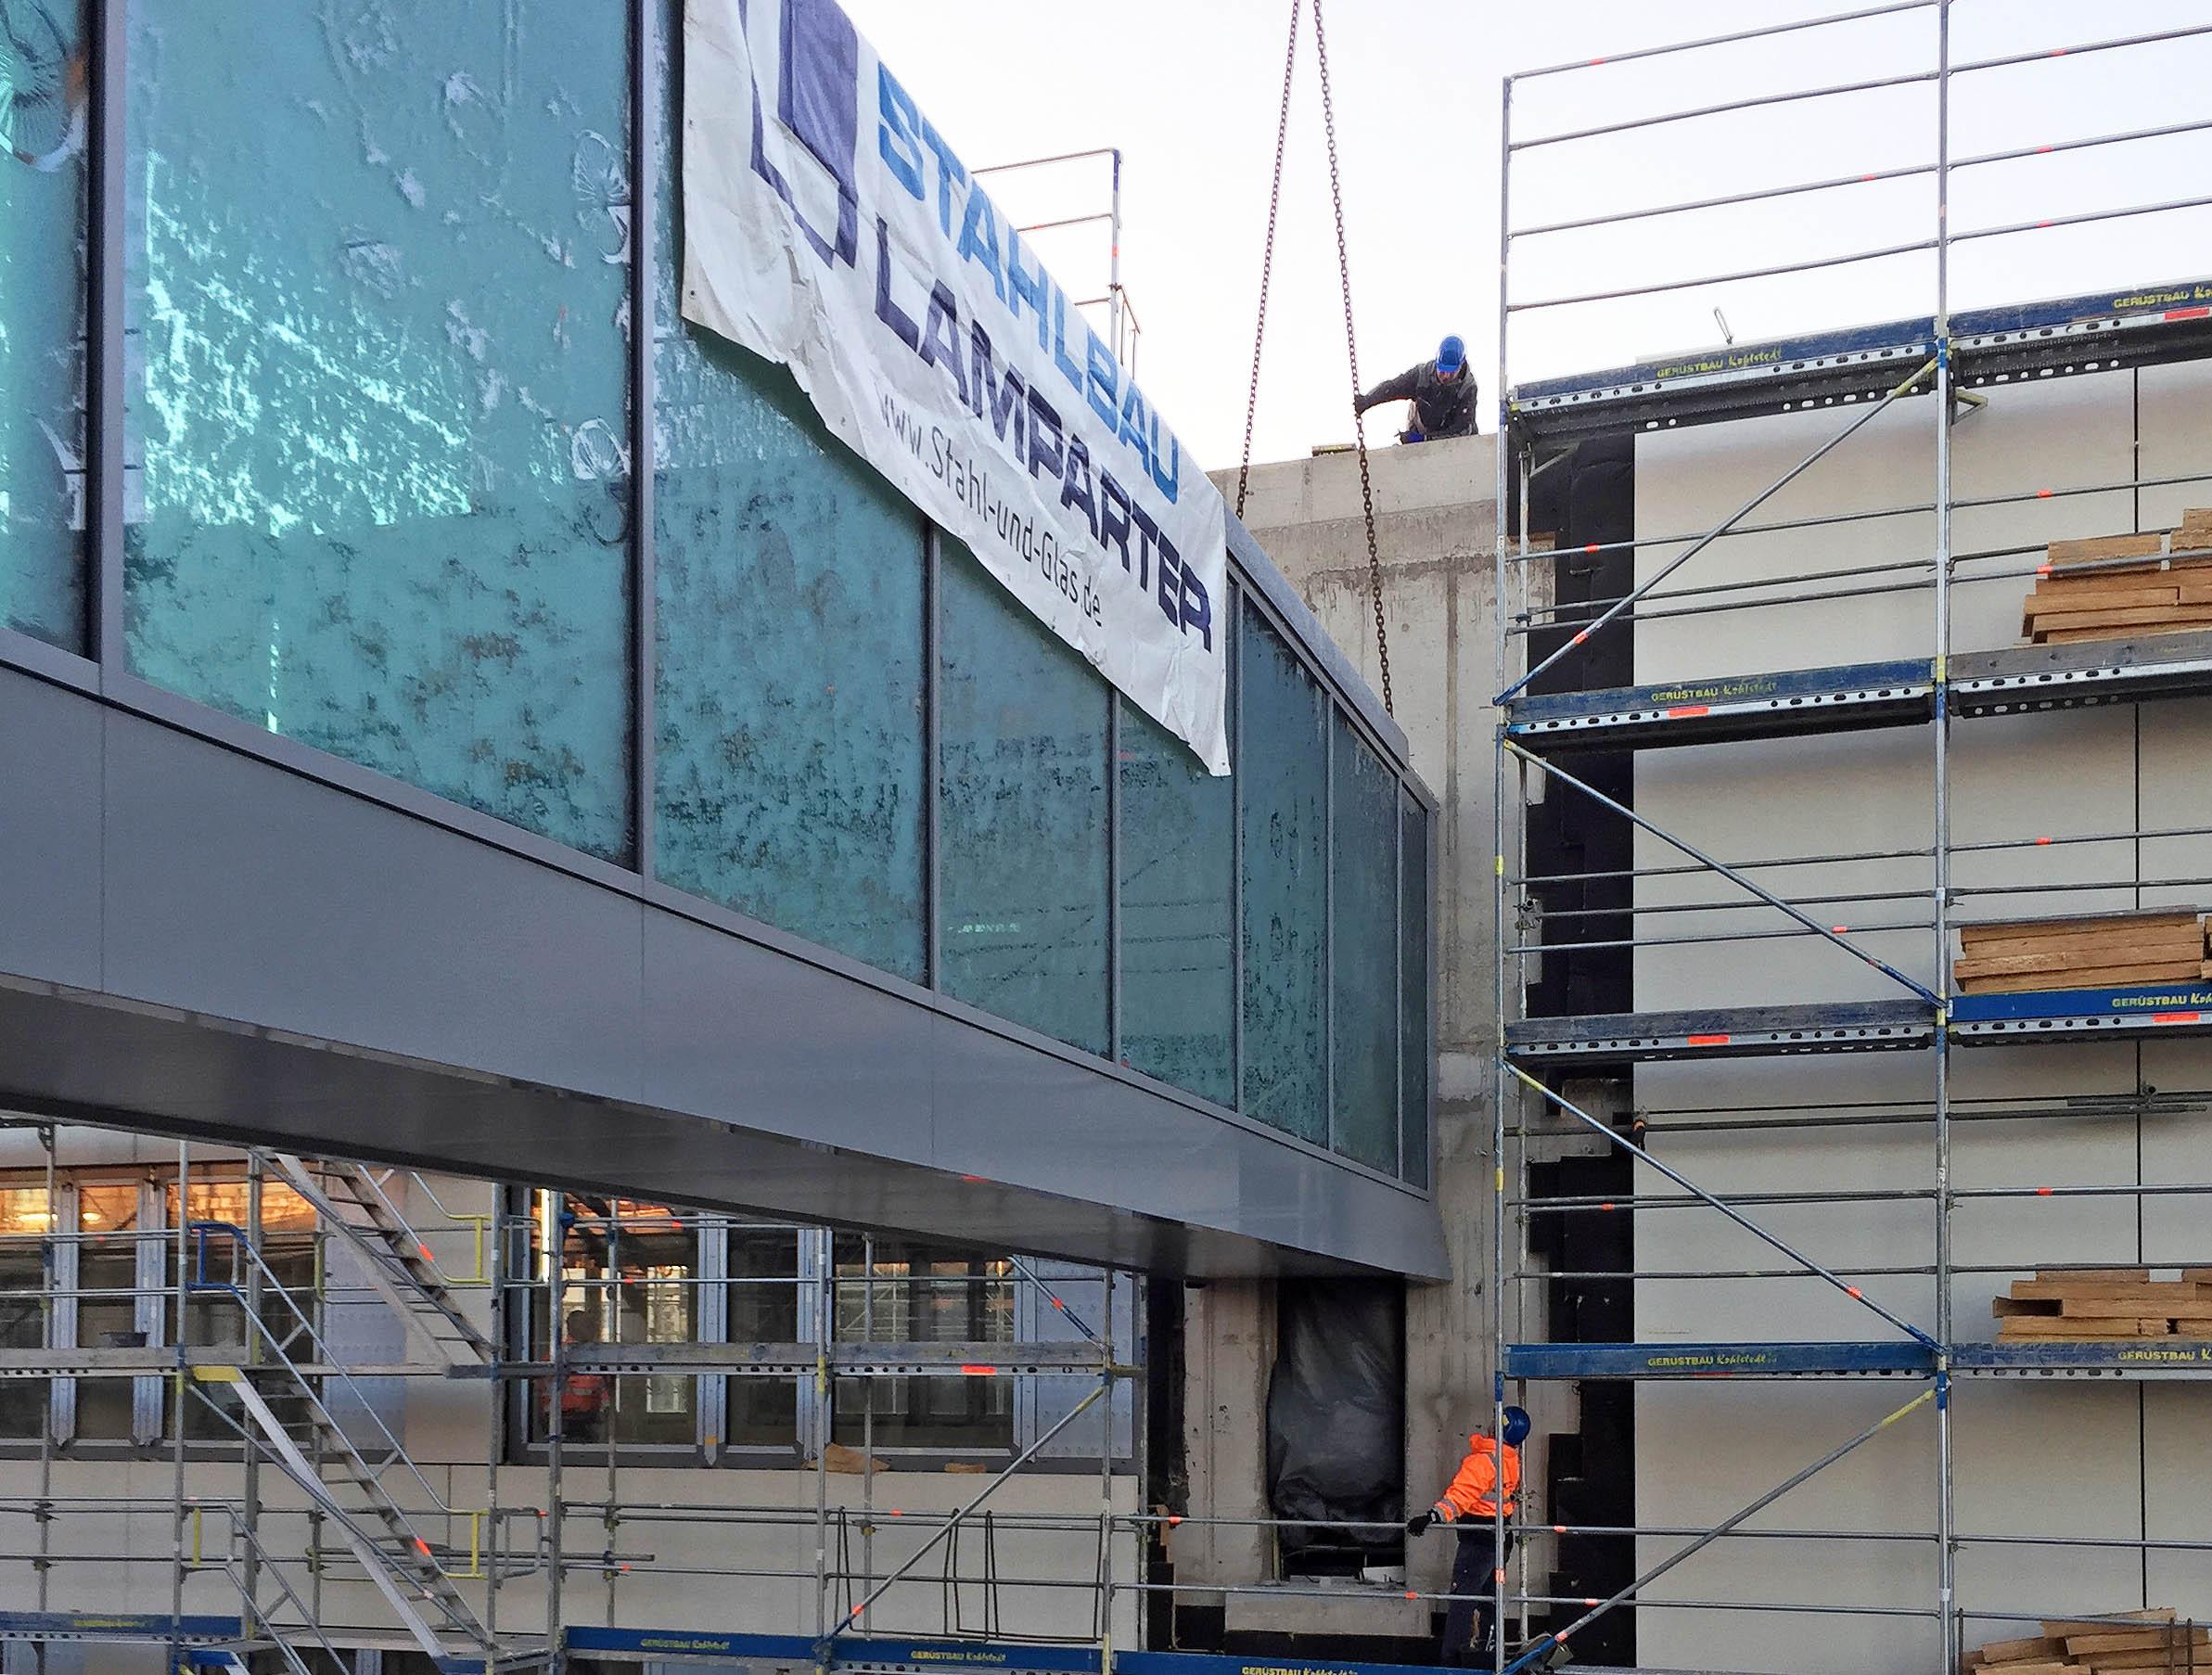 Millimeterarbeit beim Einhub einer verbindungsbrücke aus Stahl und Glas